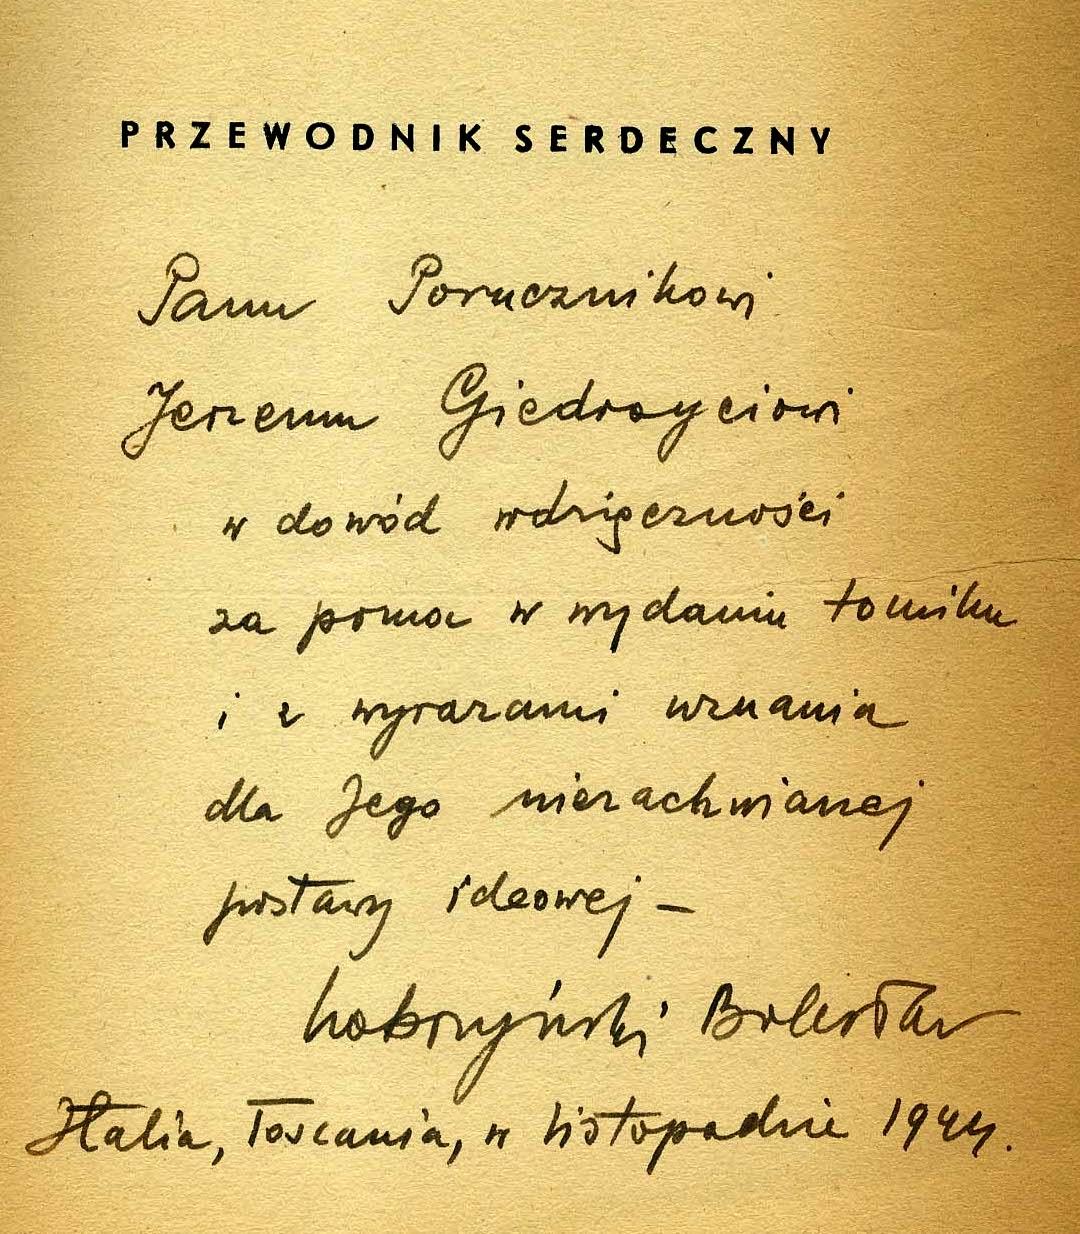 """<div class='inner-box'><div class='close-desc'></div><span class='opis'>Dedykacja Bolesława Kobrzyńskiego dla Jerzego Giedroycia. """"Przewodnik serdeczny"""", Rzym 1944.</span><div class='clearfix'></div><span>Cote du document dedyk033b</span><div class='clearfix'></div><span>© Instytut Literacki</span></div>"""